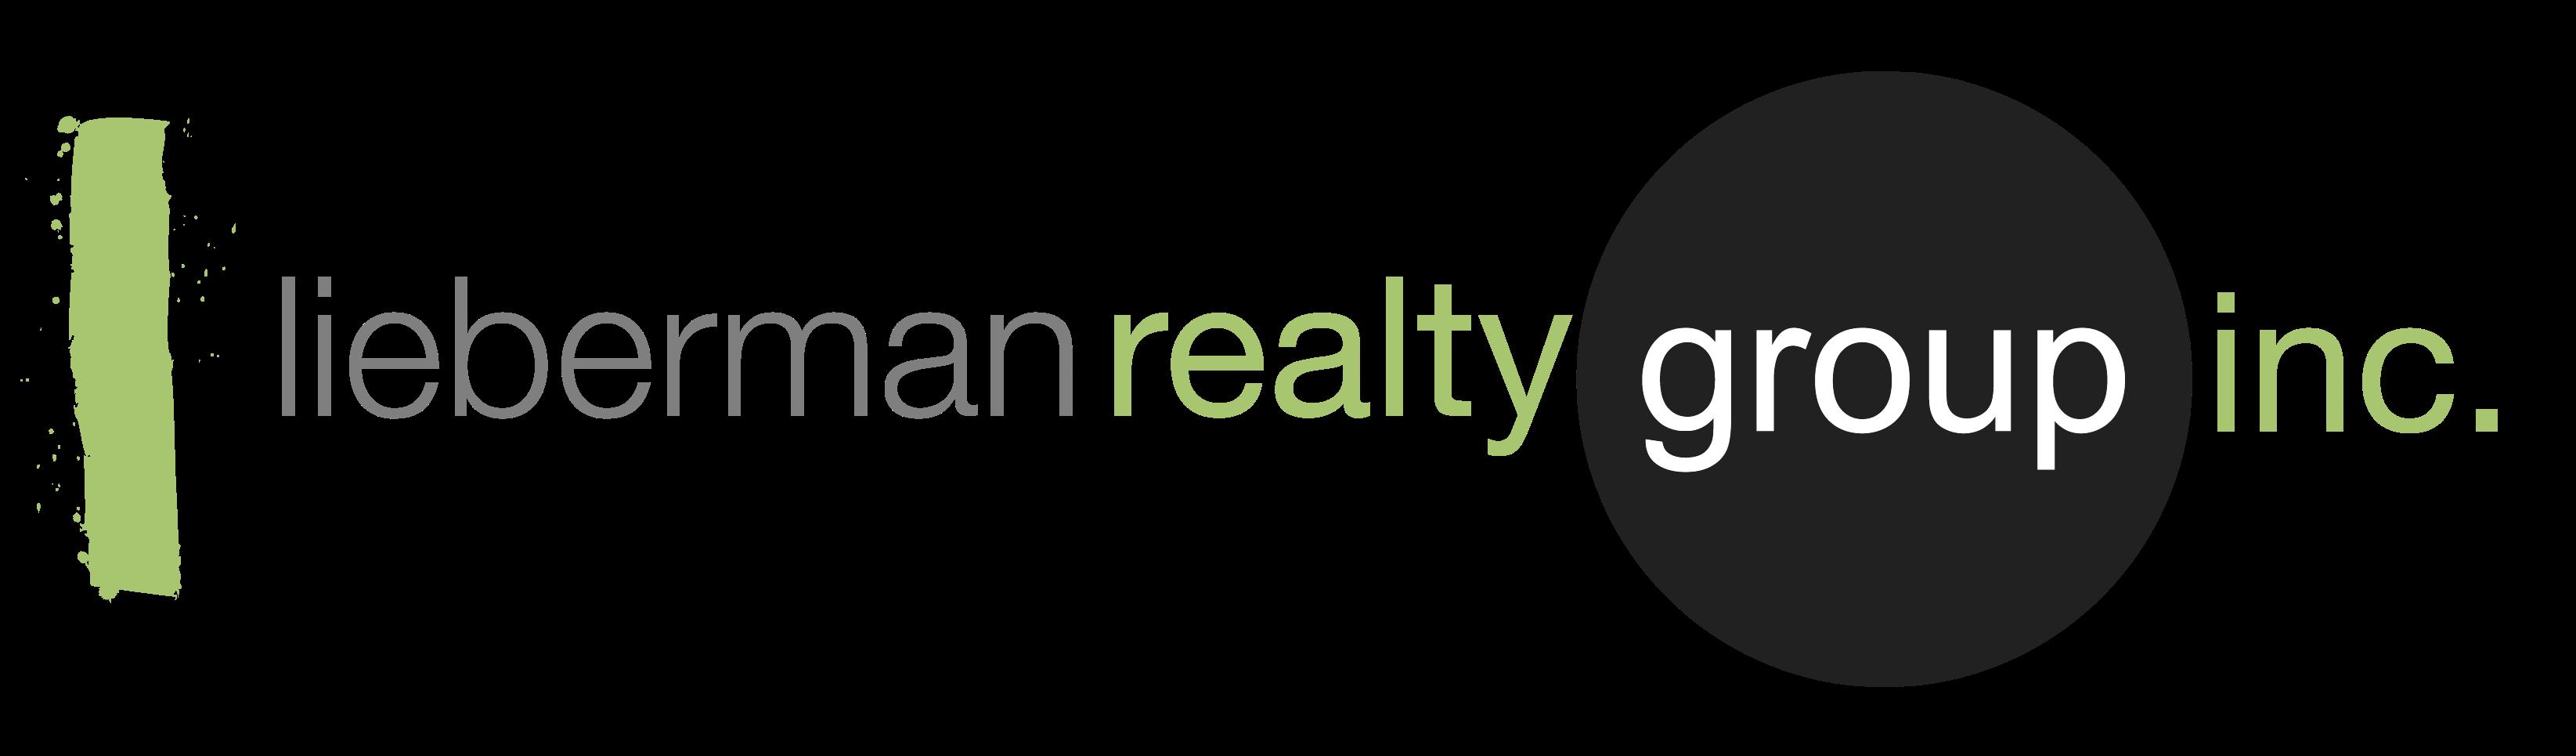 Lieberman Realty Group, Inc. | Keller Williams World Class logo